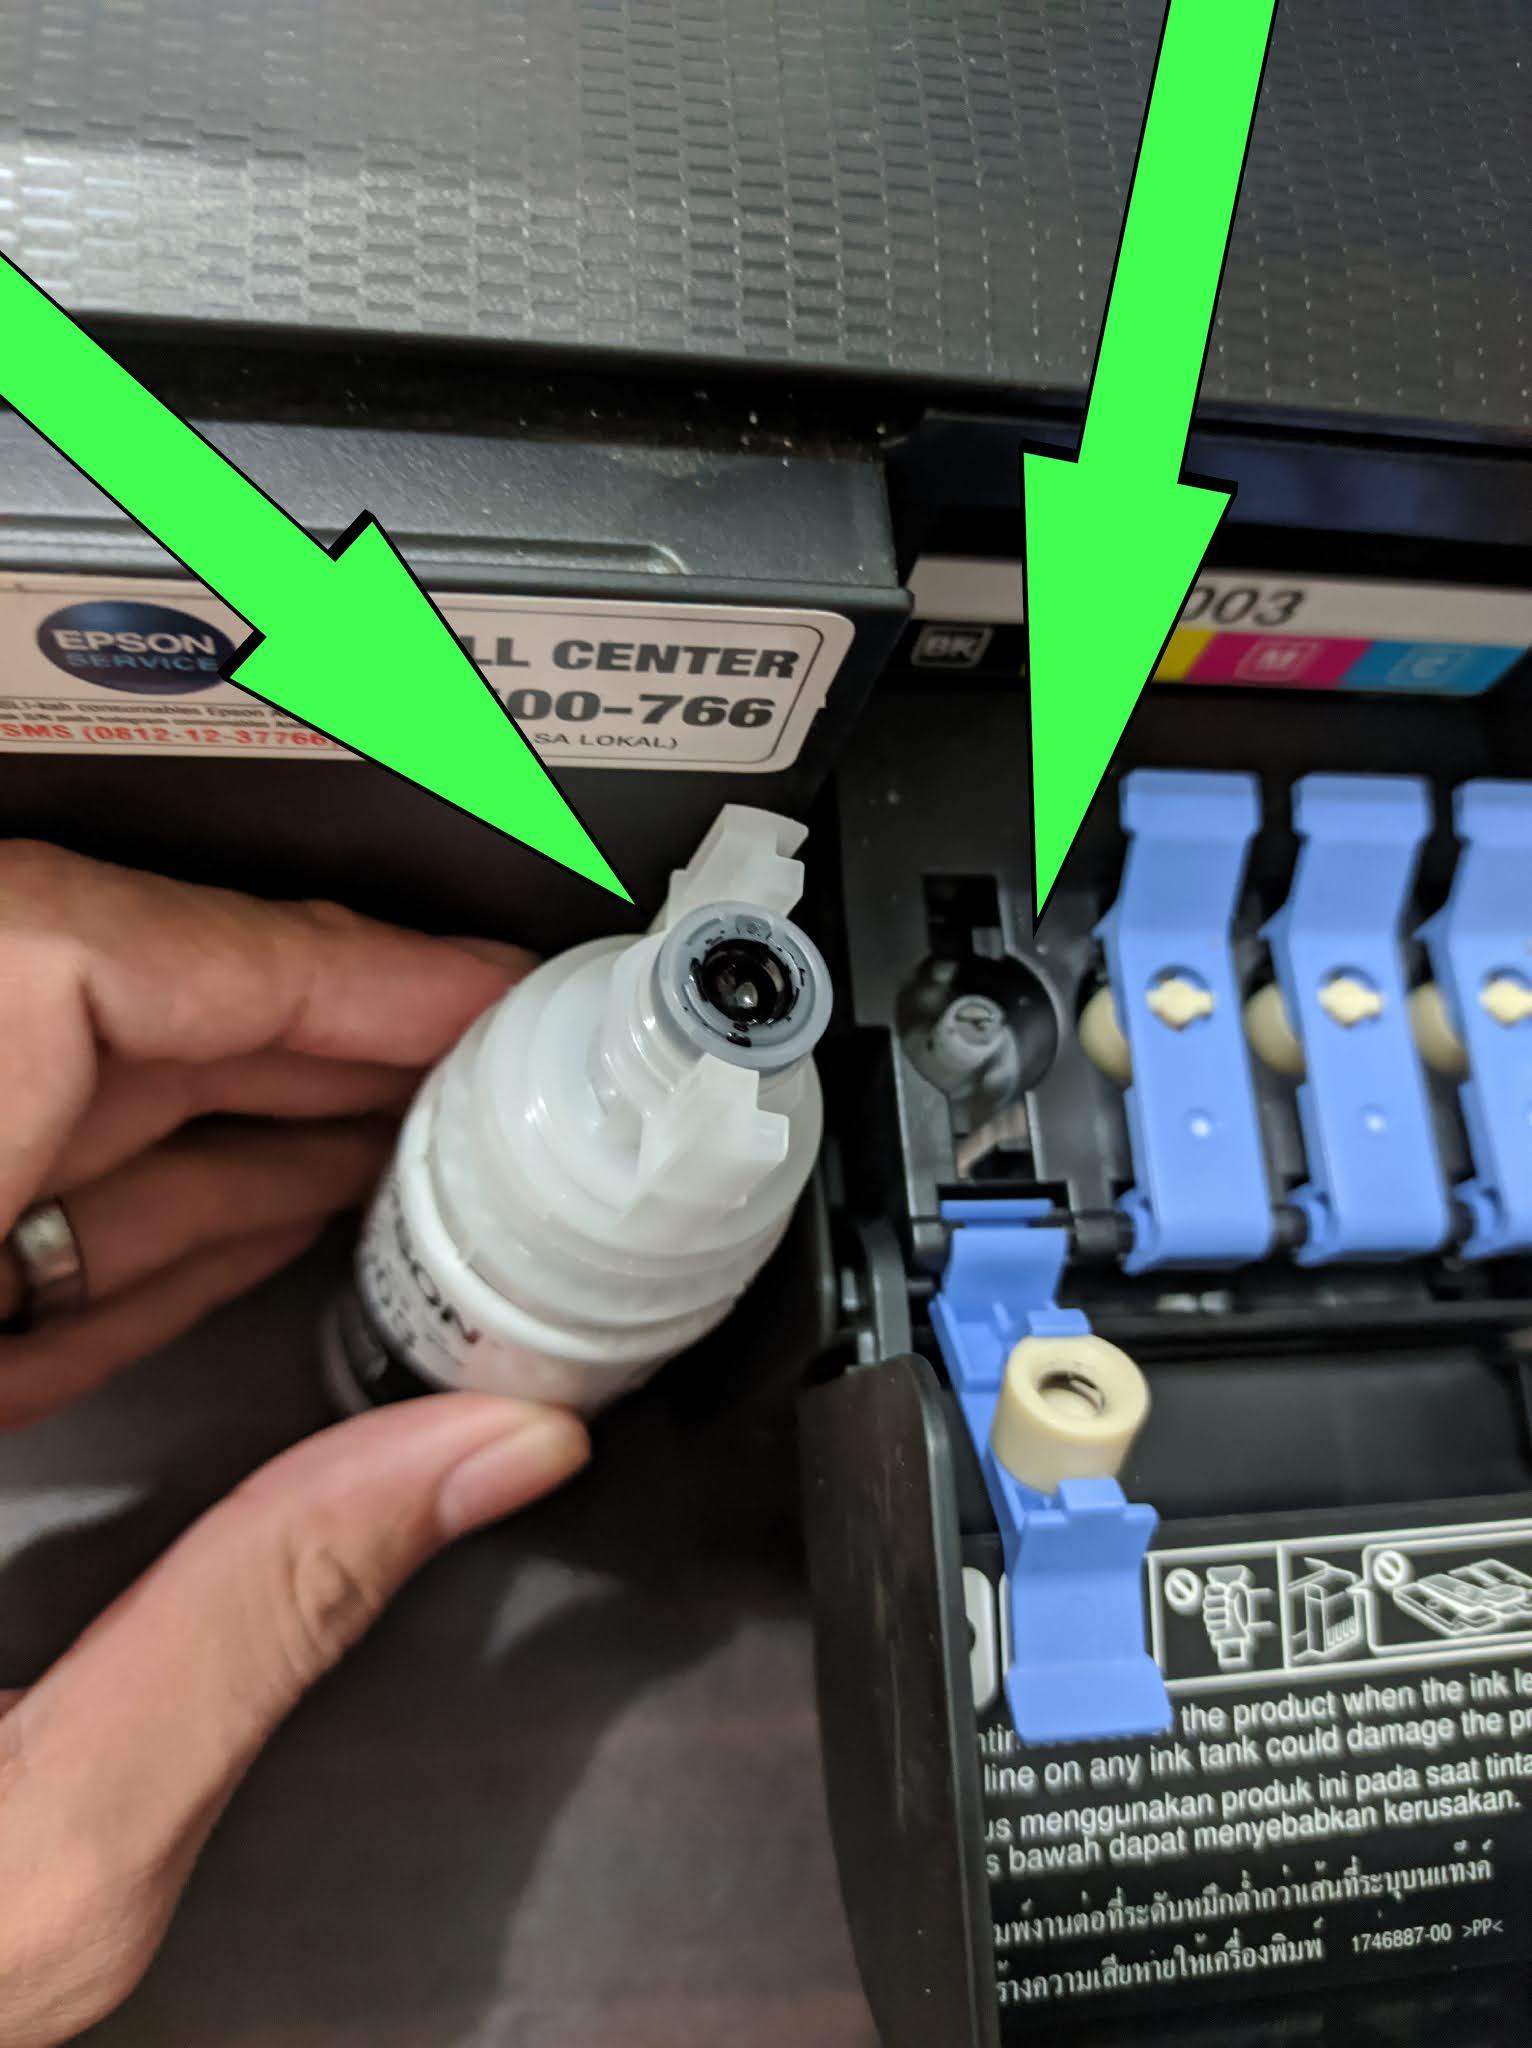 Cara Mengisi Tinta Printer Epson L3110 : mengisi, tinta, printer, epson, l3110, Mengisi, Tinta, Printer, Epson, L3110, Cudil